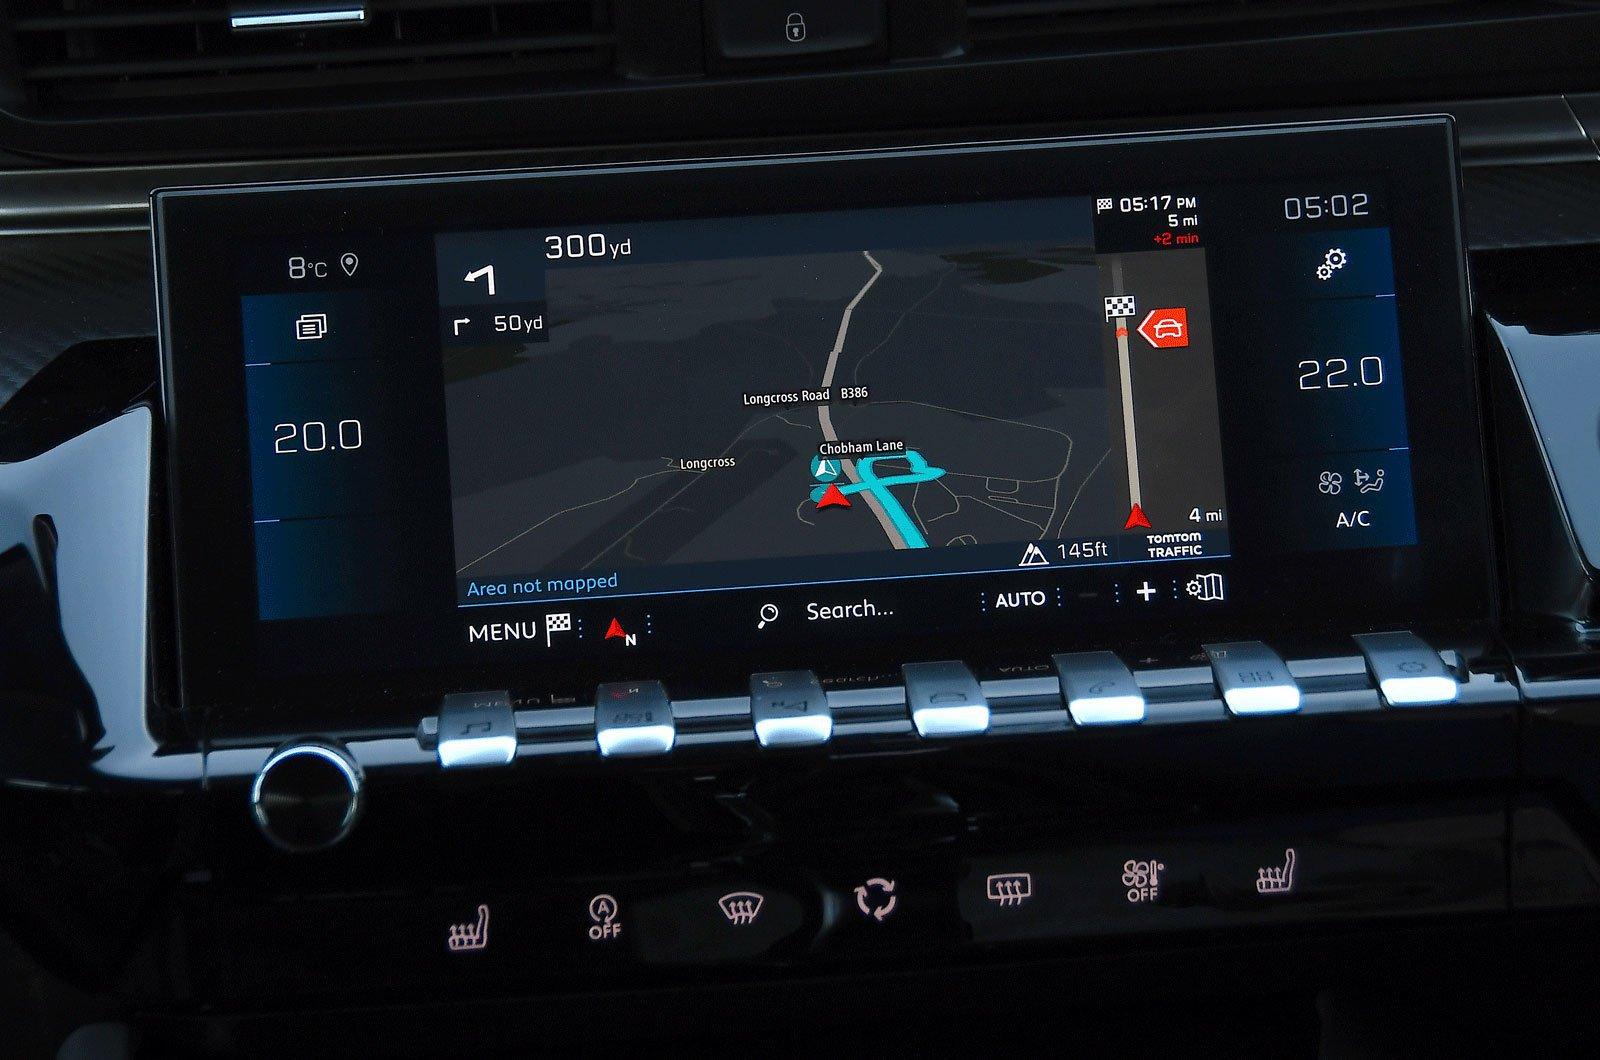 Peugeot infotainment screen